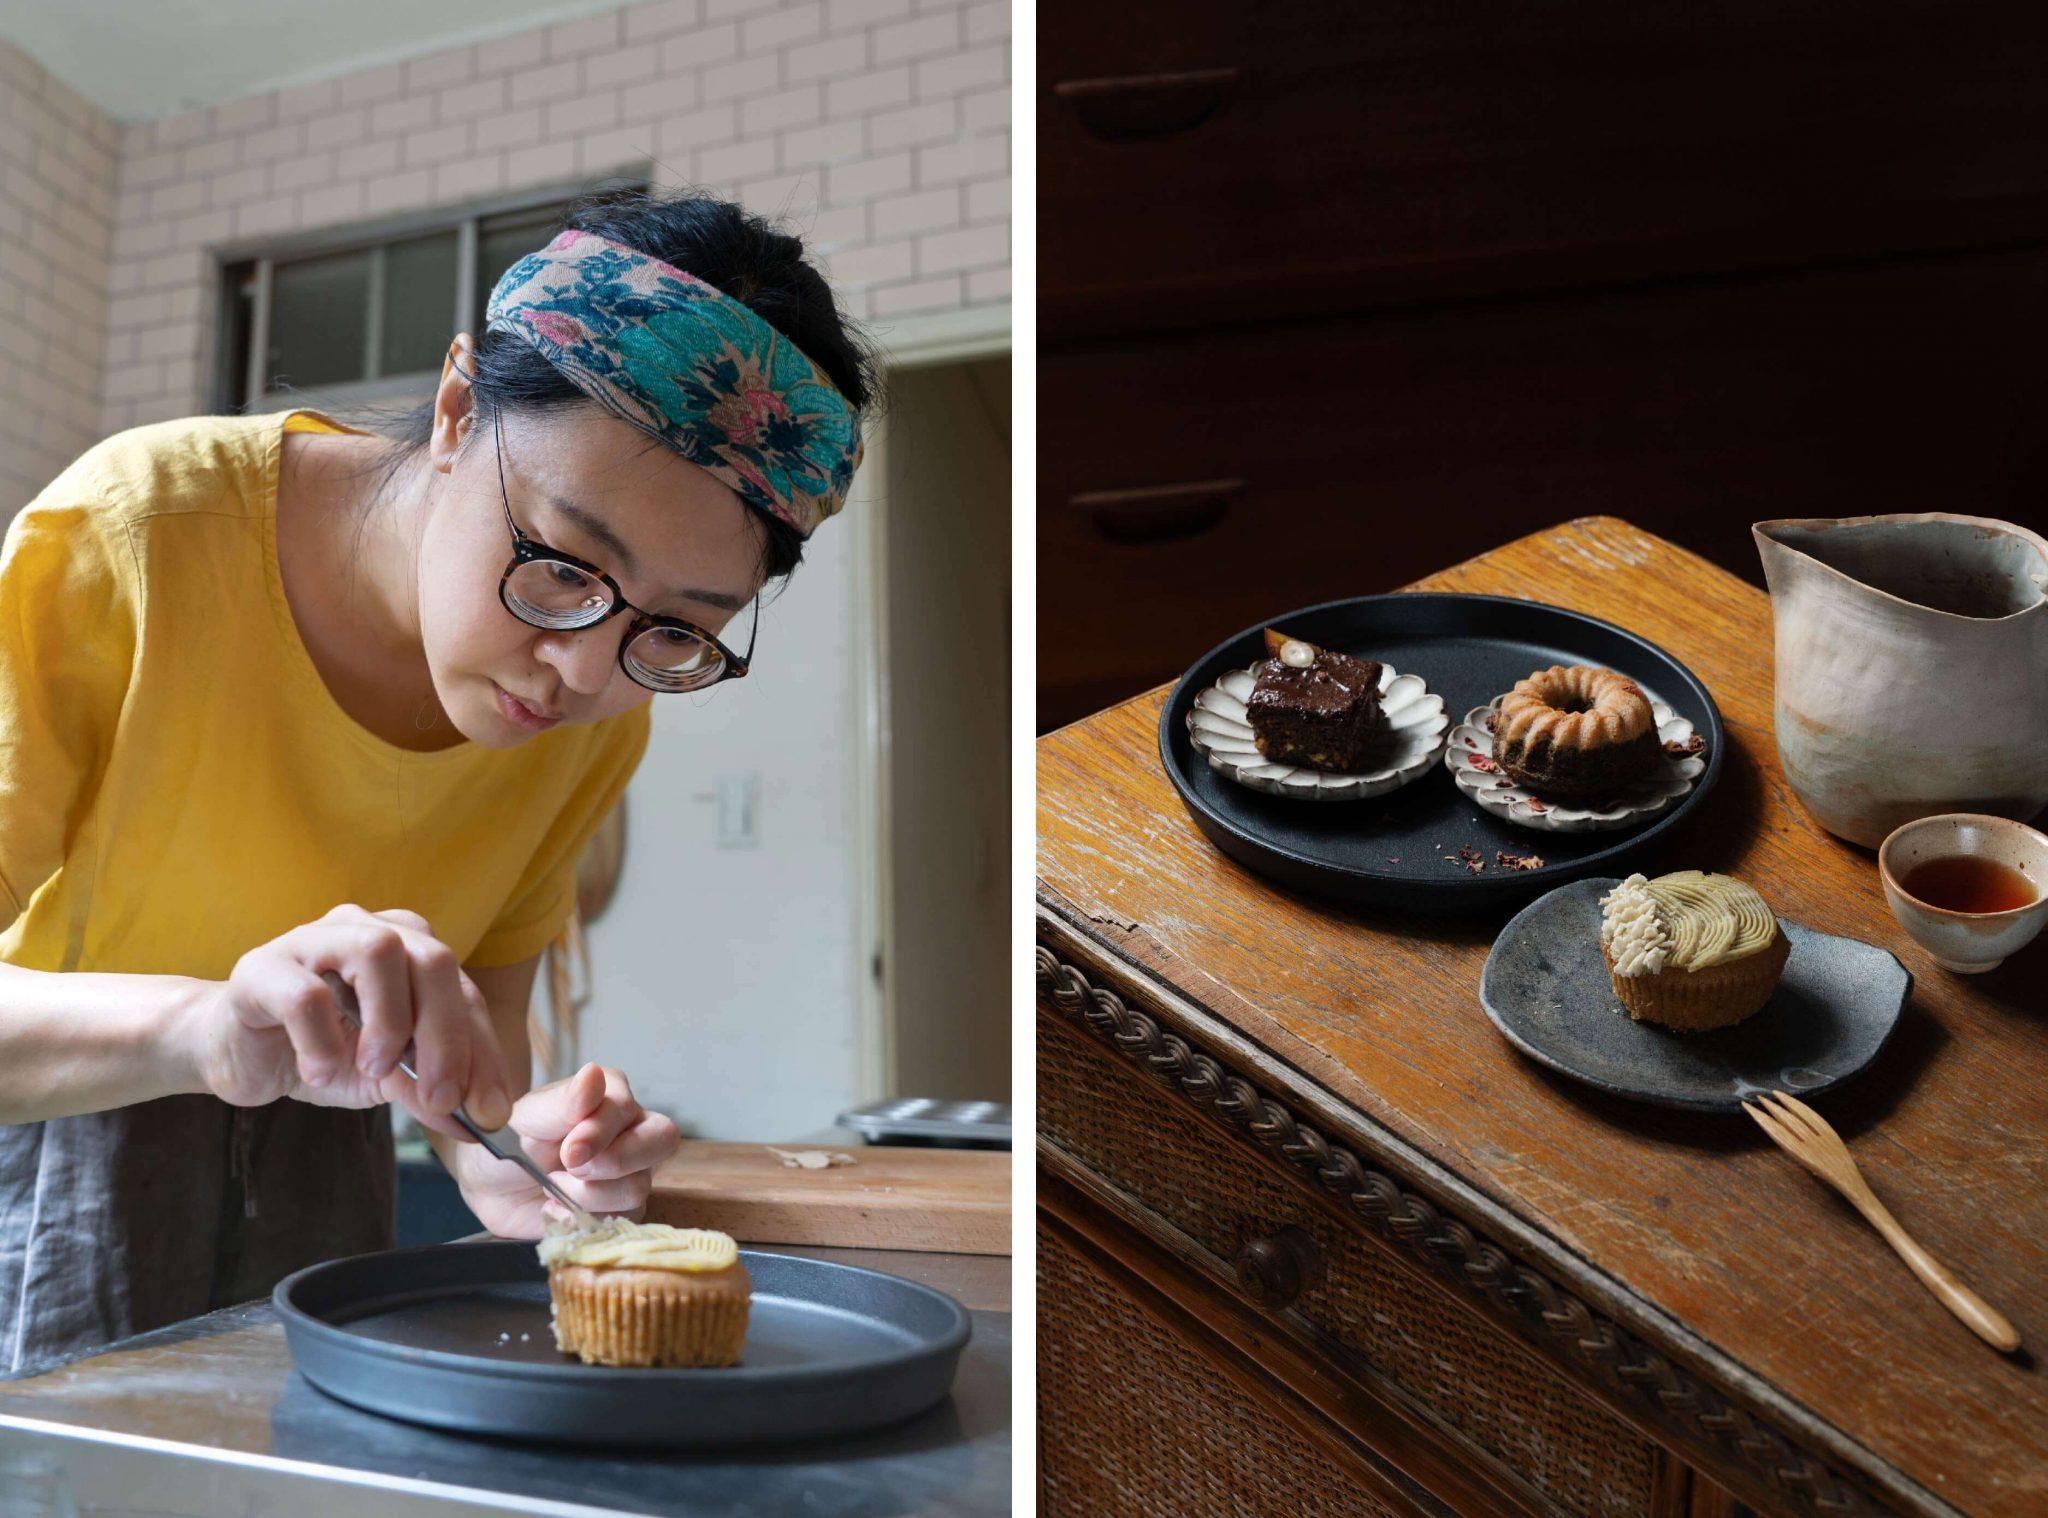 珍惜來自土地的美味 剩食甜點喚醒人們對食物的知覺: 扌合生態廚房